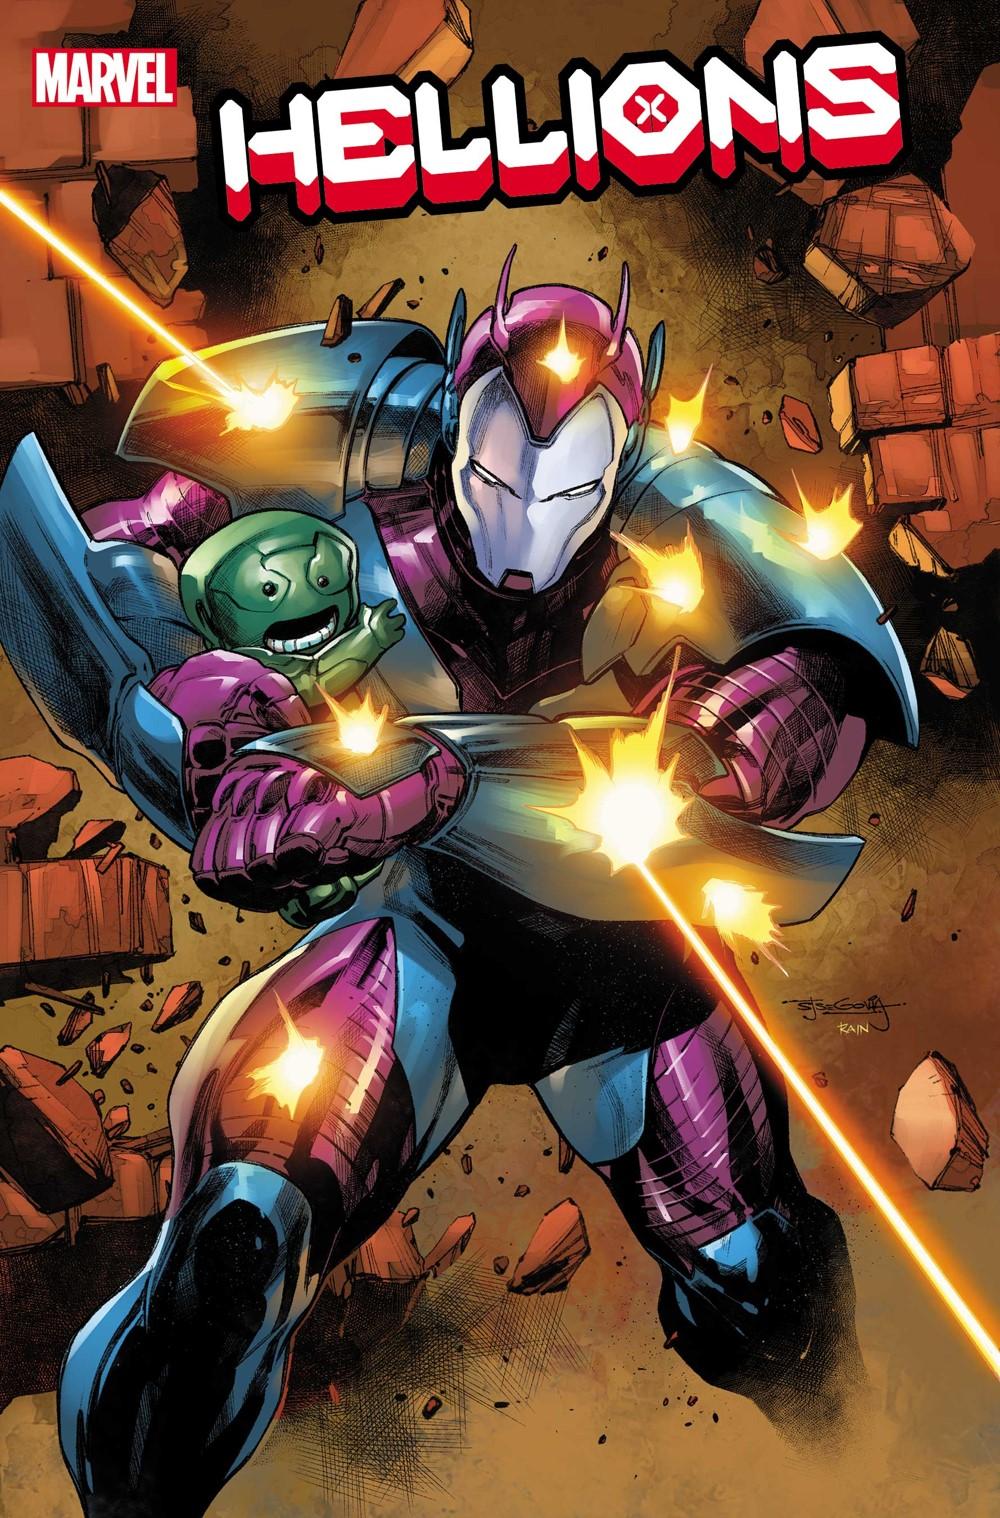 HELLIONS2020017_COL Marvel Comics November 2021 Solicitations